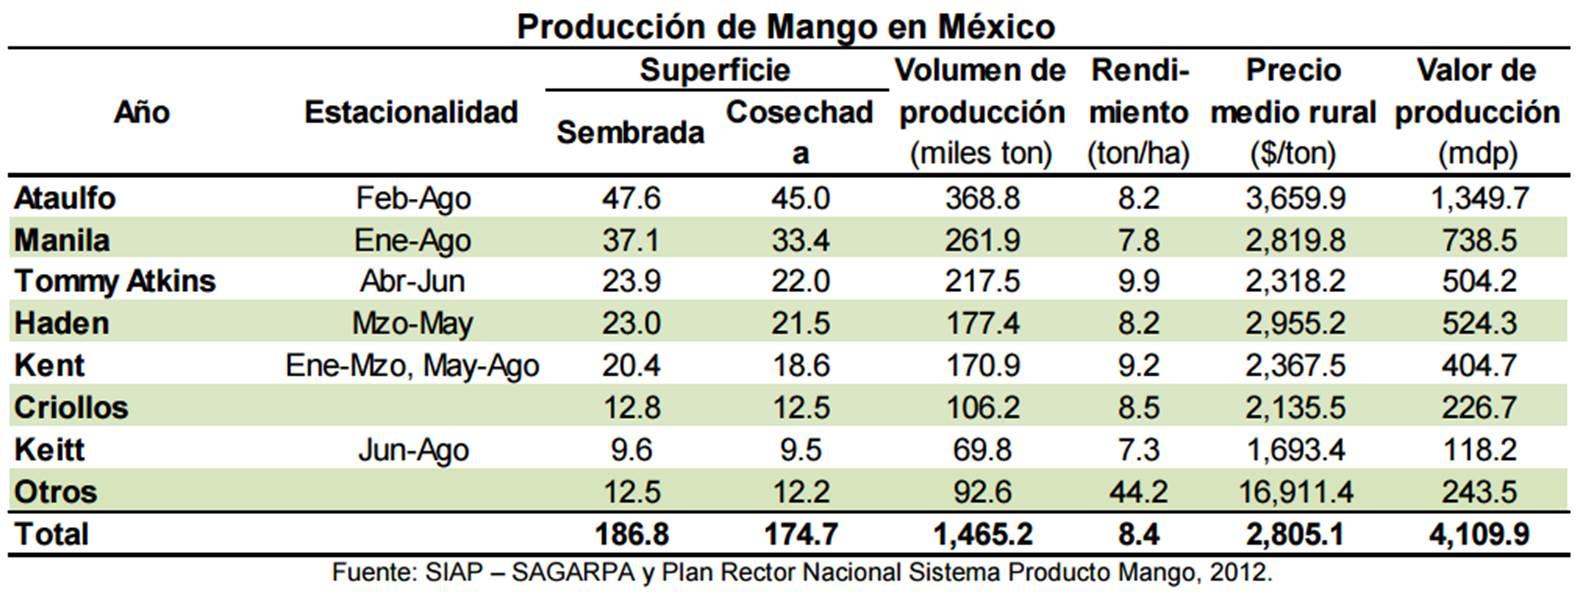 Produccion de mango en mexico dm plast